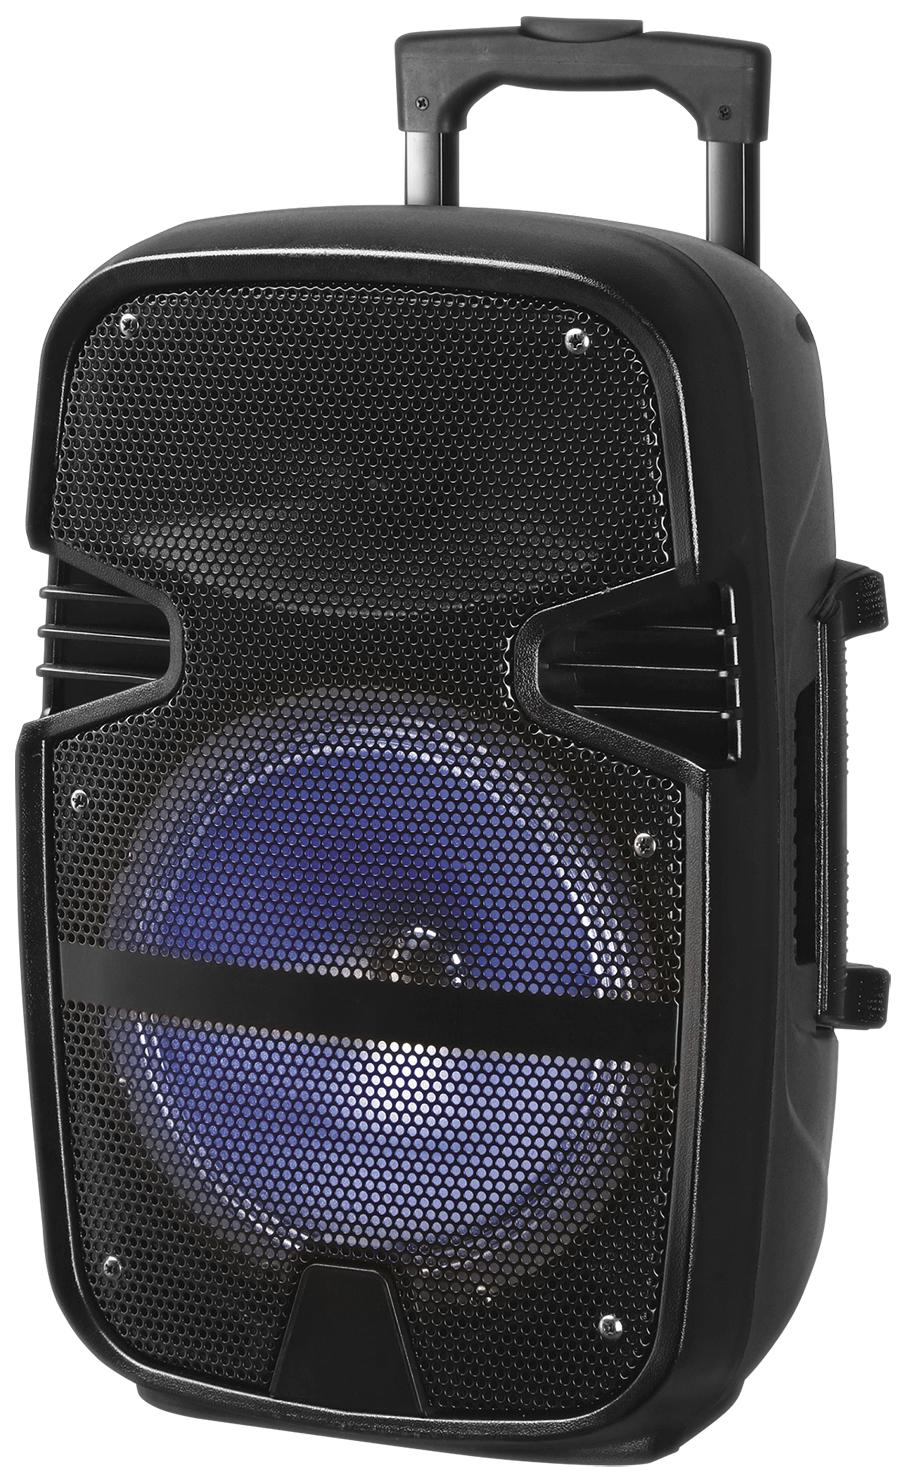 Музыкальная система Midi National NSM-V200